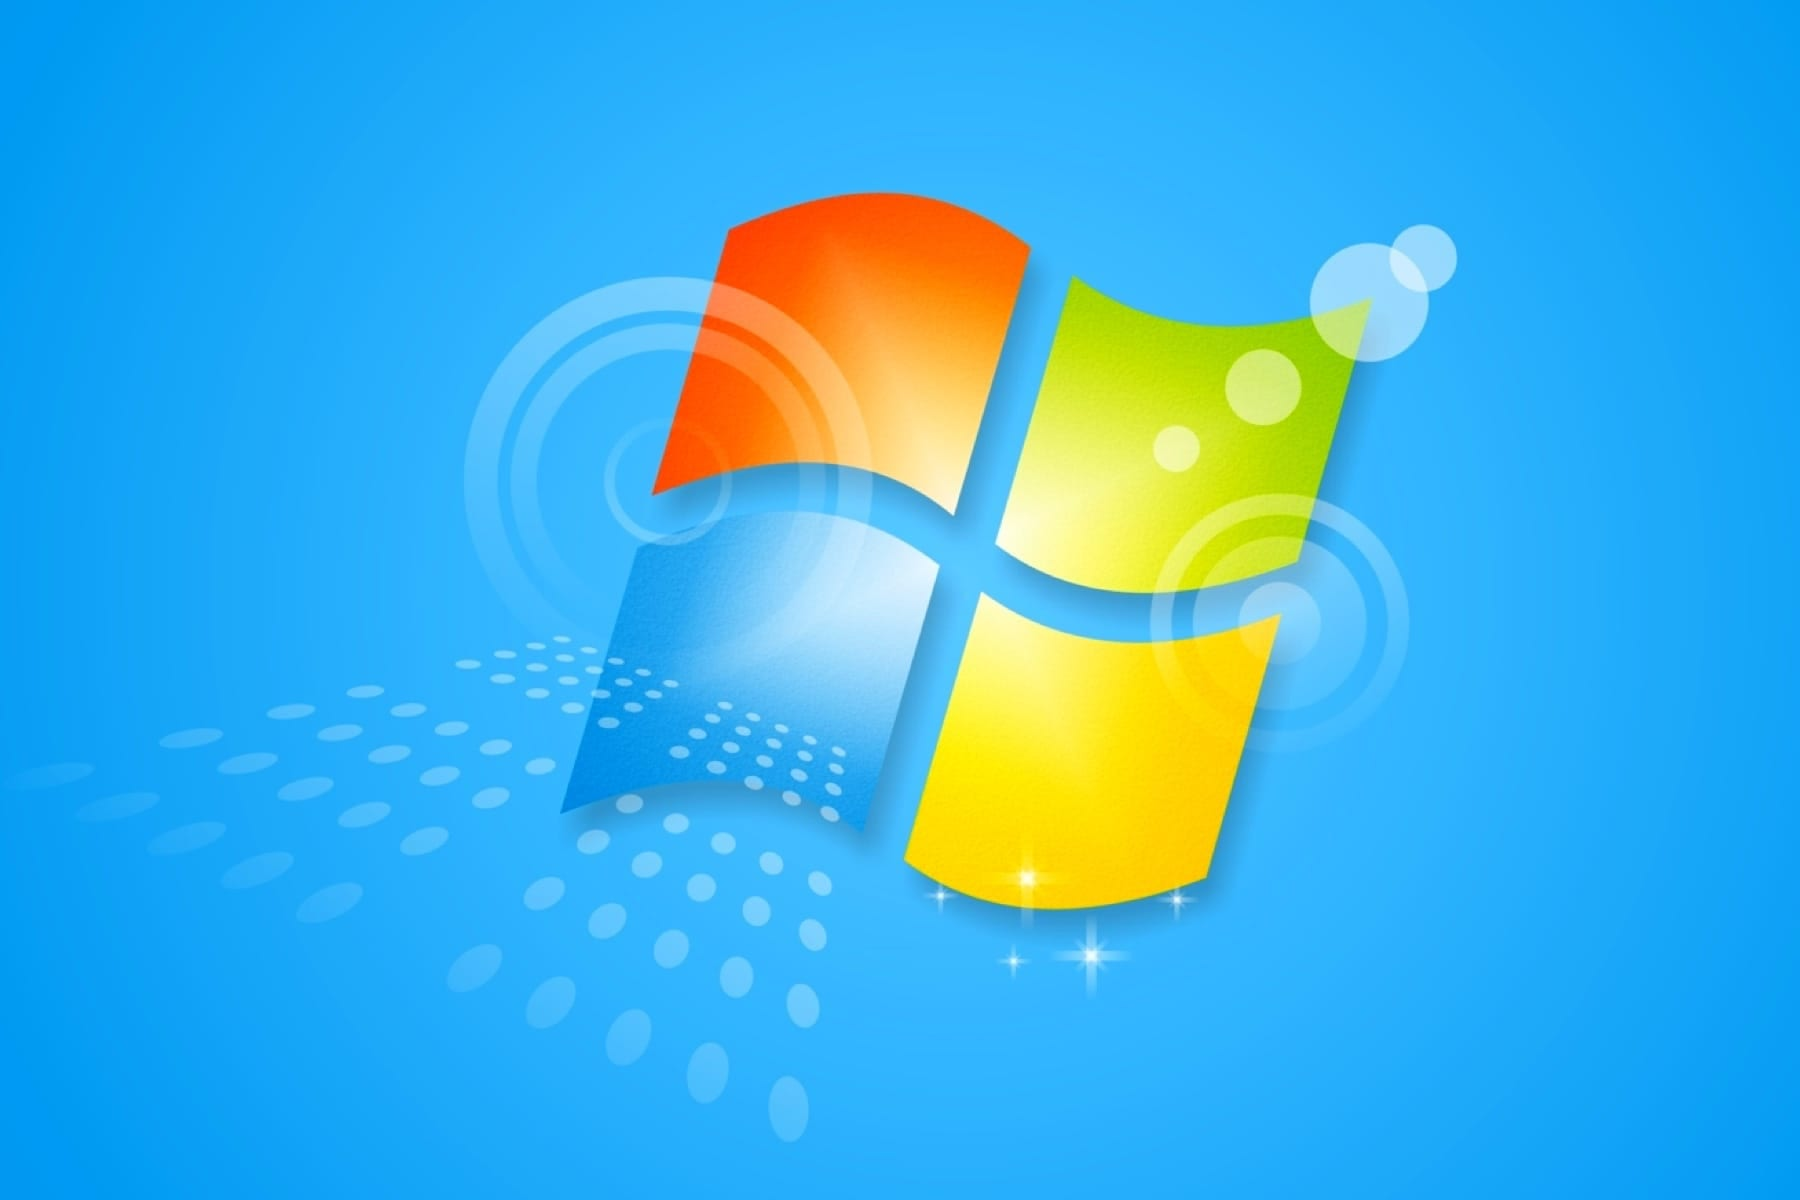 Корпорация Microsoft официально прекратила техническую поддержку операционной системы Windows 7